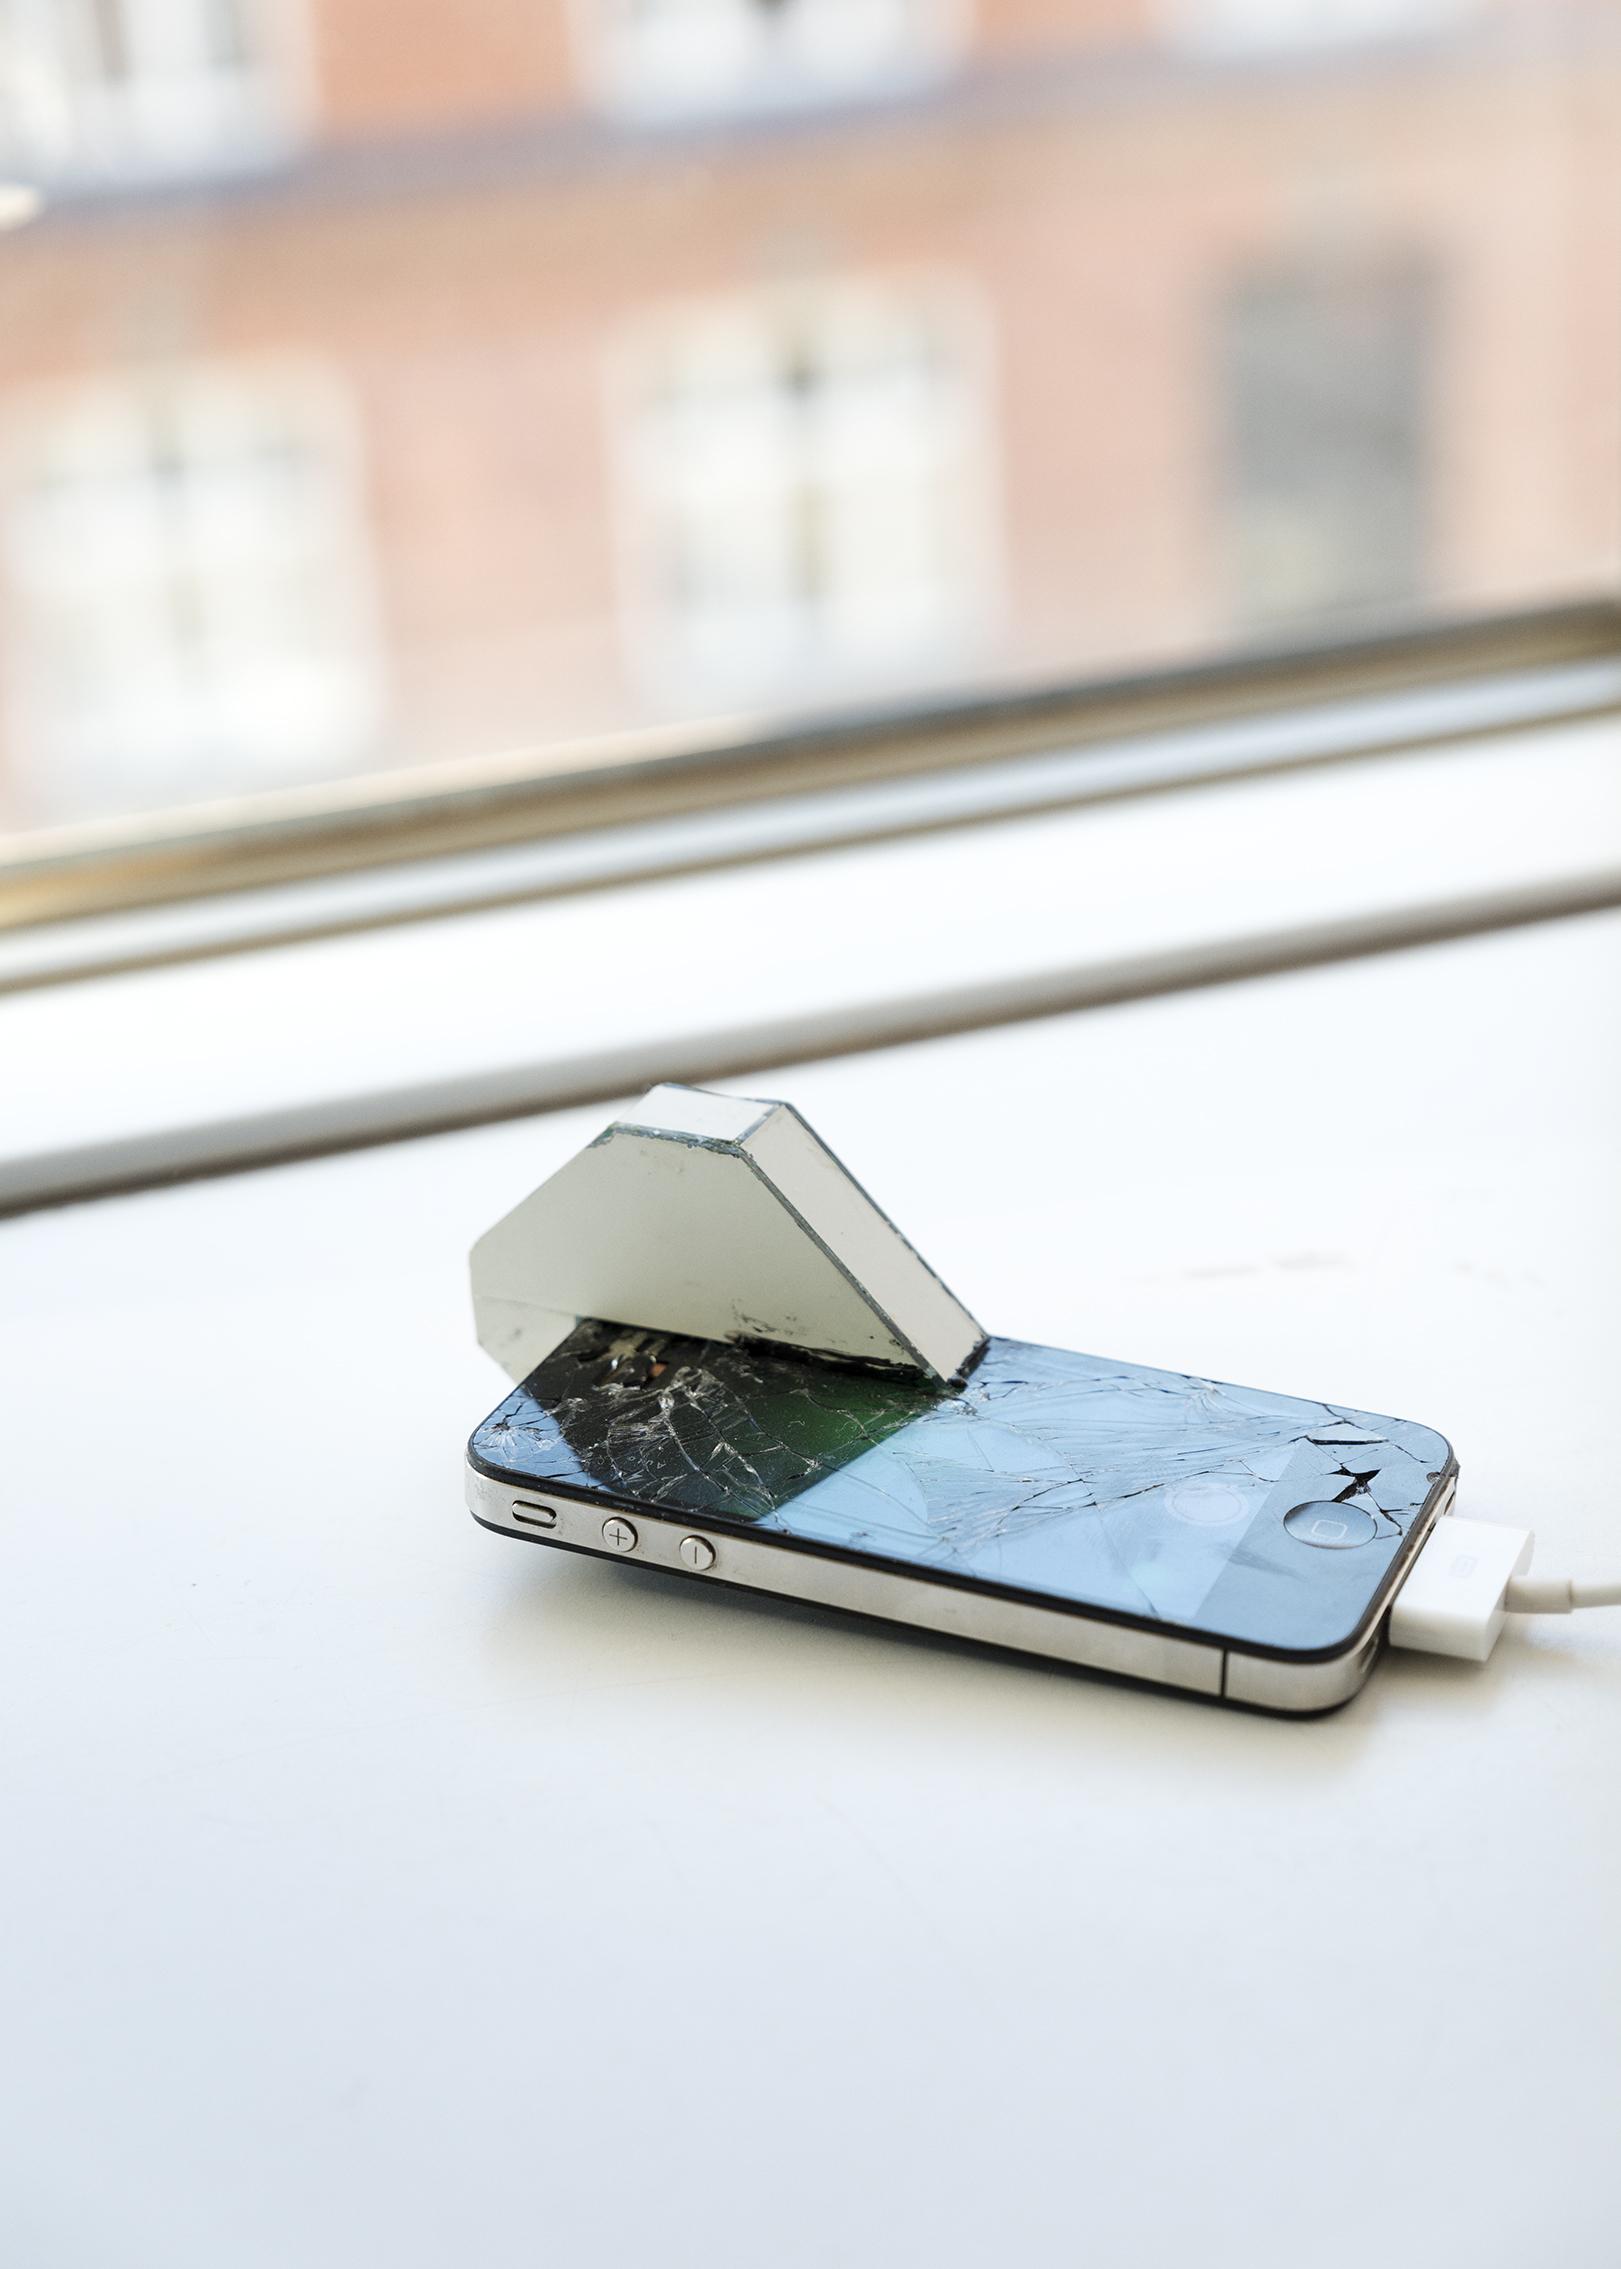 På radion talar de om ett hål i jorden (europium, europium, terbium)  (2015) Karl Isakson                        En sprucken skärm, speglar, en modifierad iPhone 4S. Telefonens kamera tittar på skärmen genom ett antal speglar. Min skärm pulserar, kontrasten är hög, röd fosfor, blå fosfor och lite grönt. På radion säger en till en annan att riset inte växer.   On the radio they are talking about a hole in the earth (europium, europium, terbium)   (2015) Karl Isakson          A cracked screen, mirrors, a modified iPhone 4S. The phone's camera is facing the screen guided by a number of mirrors. My screen pulsates, the contrast is high, red phosphor, blue phosphor and a little green. On the radio one says to another that the rice doesn't grow.